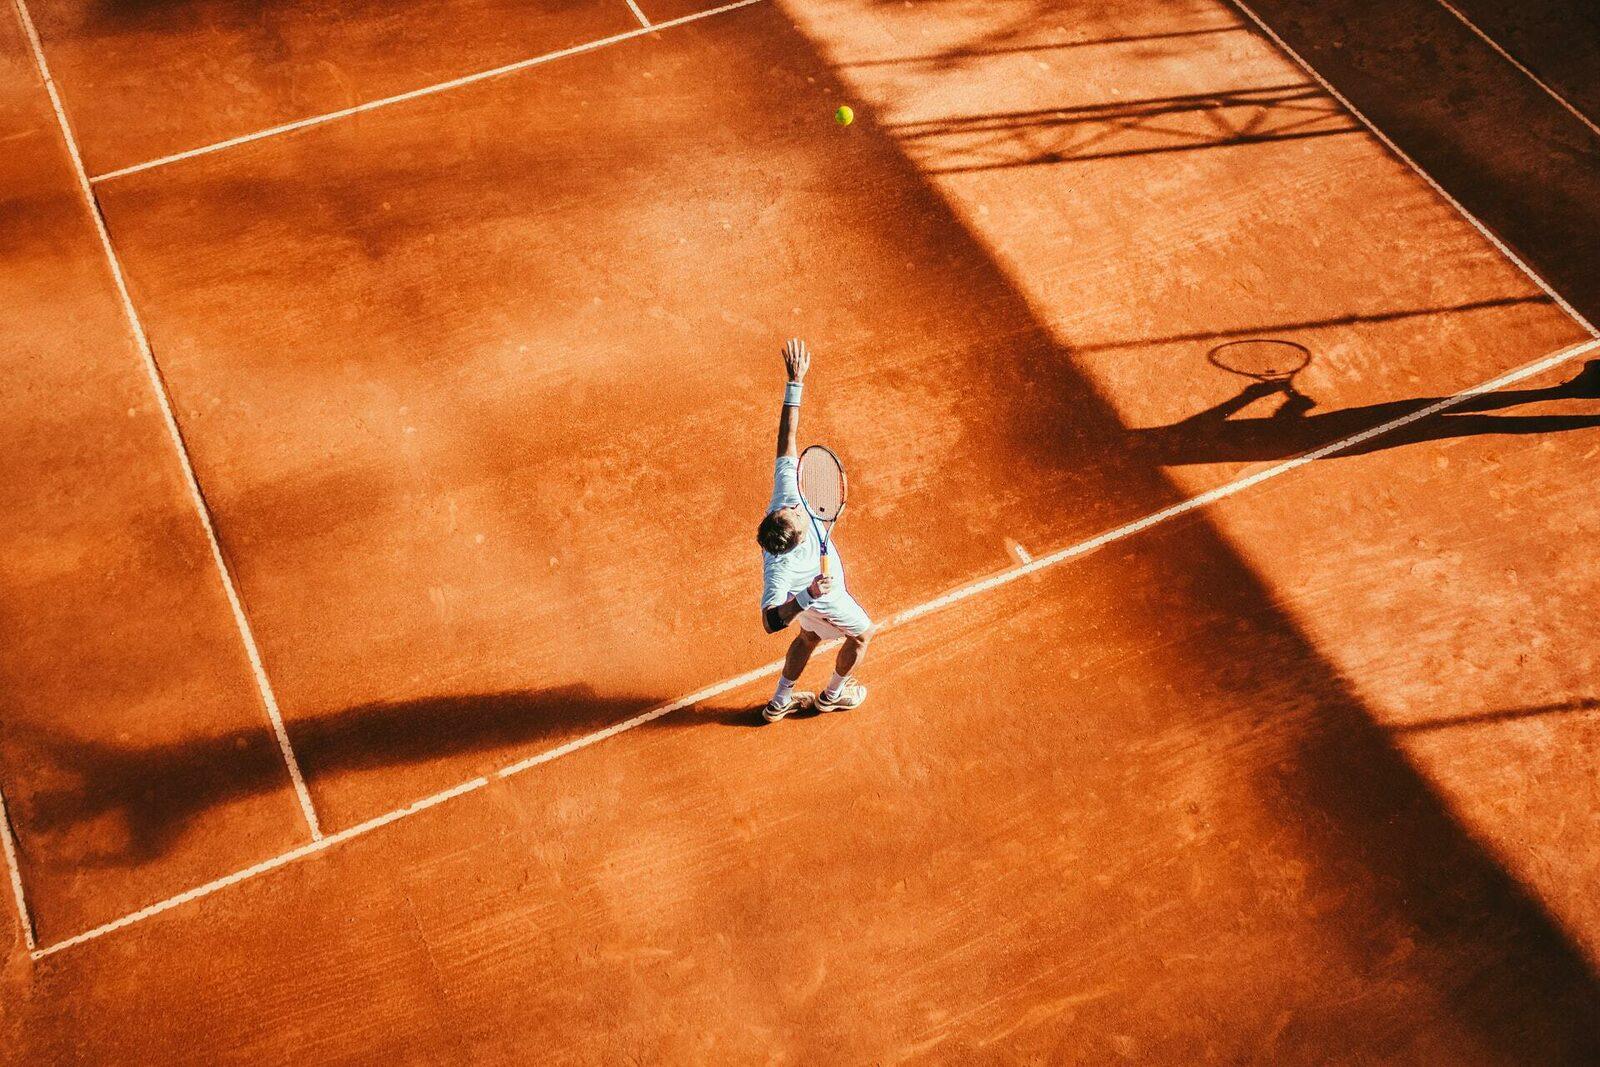 Tennis au Touquet Paris Plage sur la Côte d'Opale